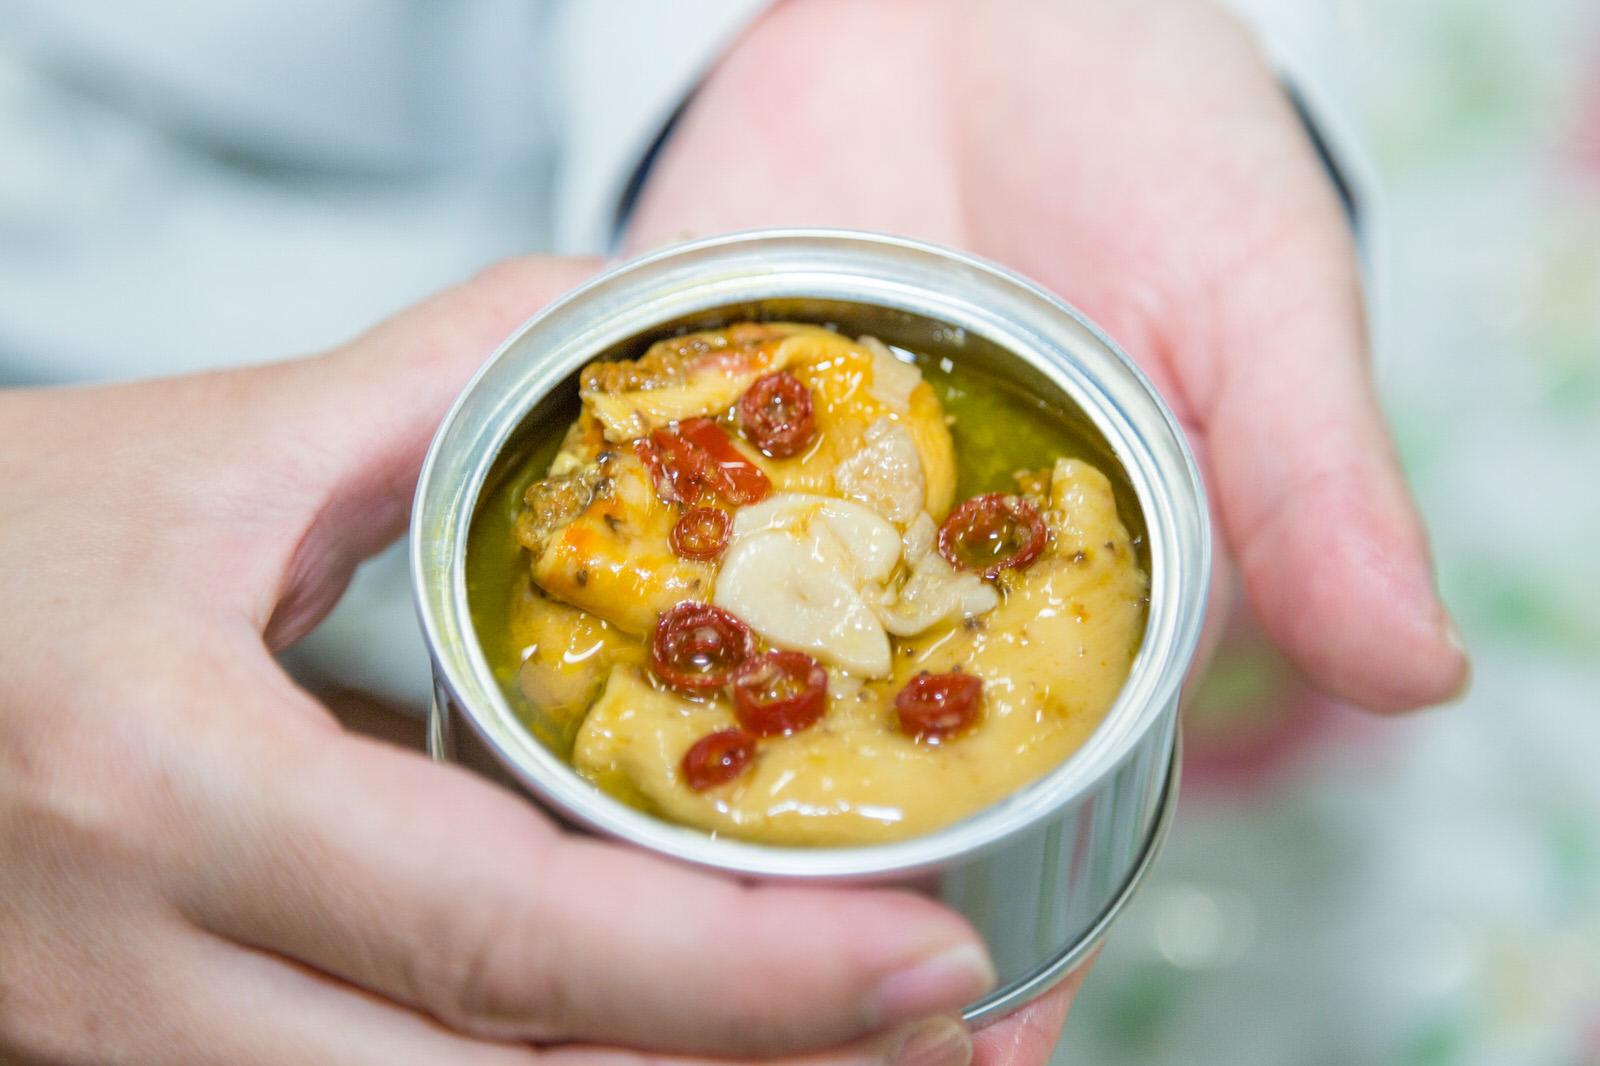 話題の缶詰!魚市場キッチンへ潜入 おすばでジャーニー#3